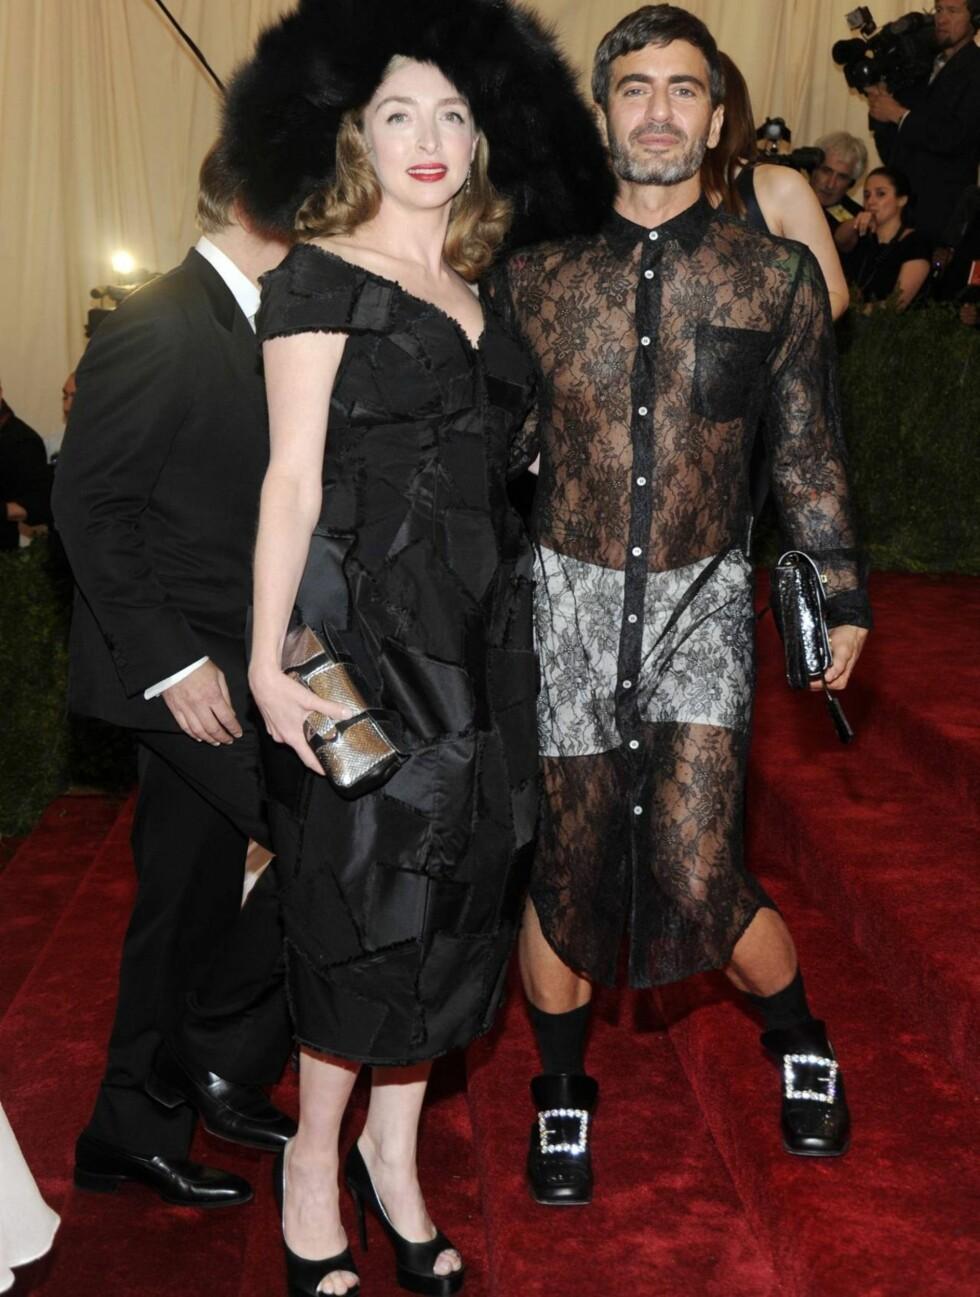 VEKKET OPPSIKT: Designeren Marc Jacobs kom i kveldens merkeligste antrekk. Han hadde på seg hvit boksershorts med en lang blondekjole over. Her sammen med Rachel Feinstein Currin.  Foto: All Over Press